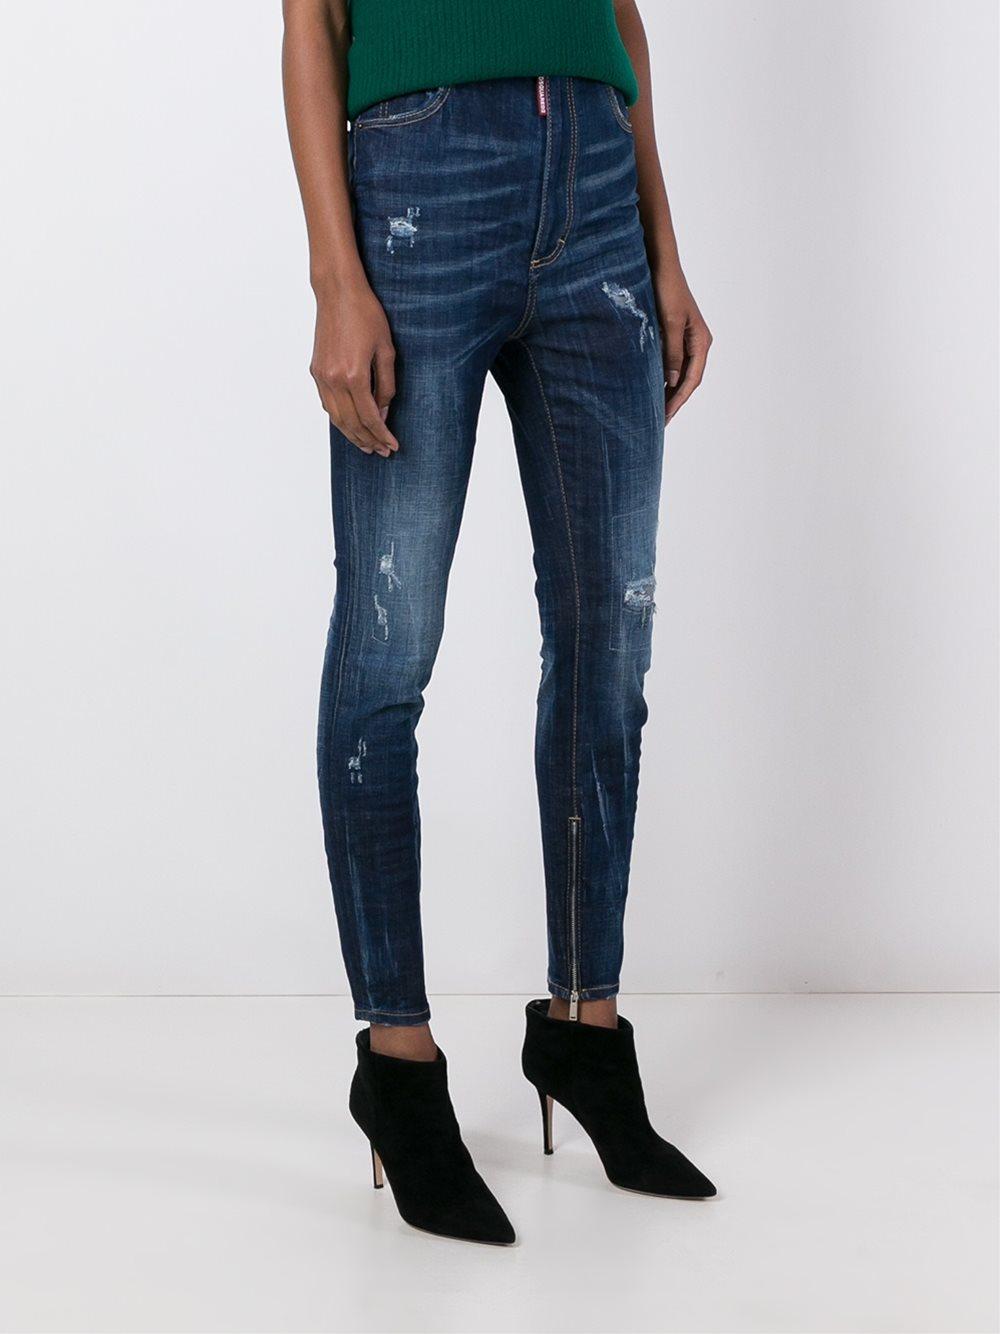 3616fe2c804292 acheter jeans dsquared pas cher Avis en ligne